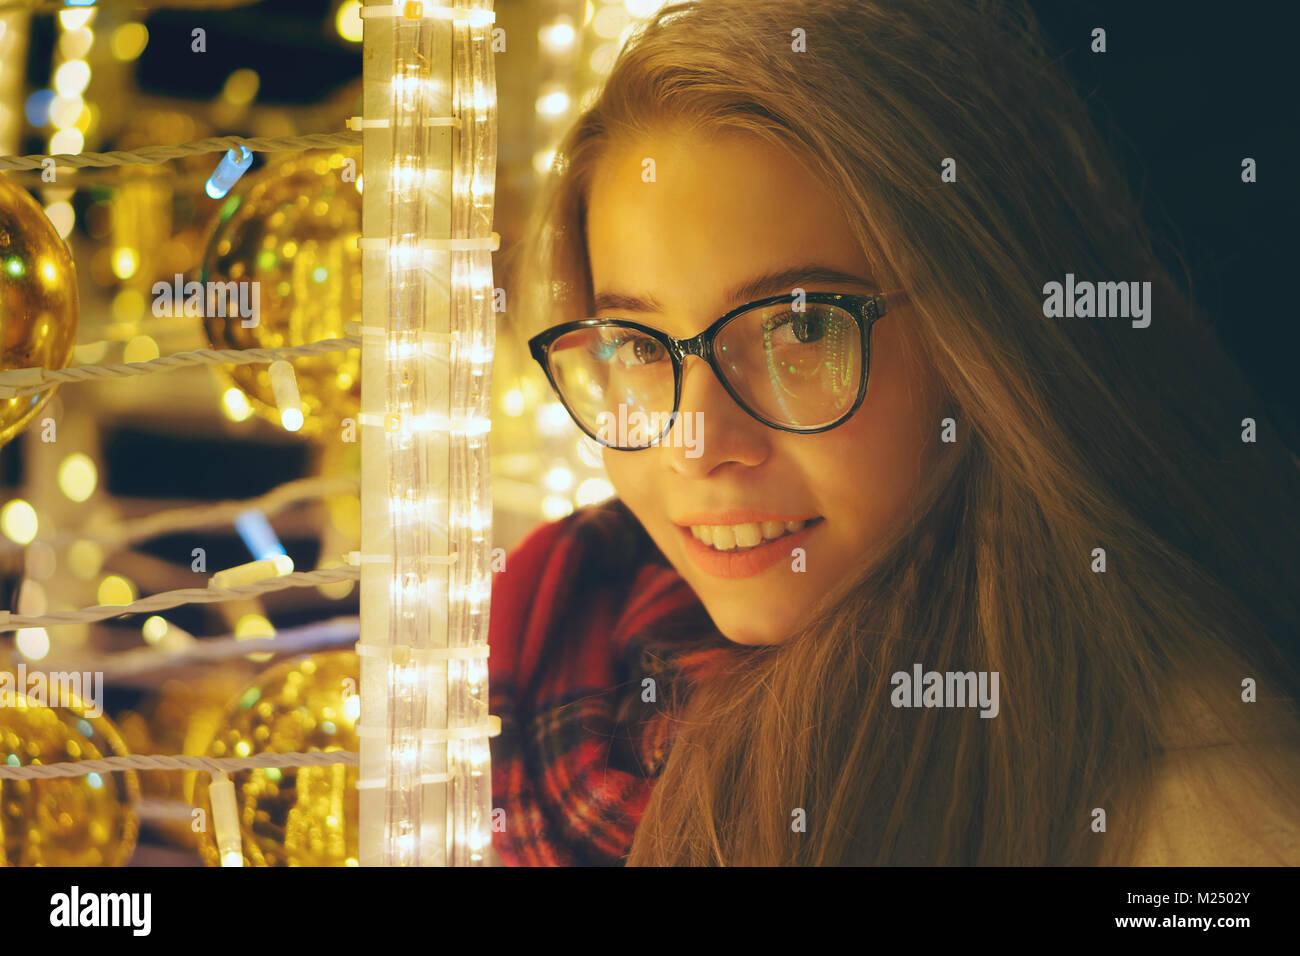 Une douce jeune fille hipster avec des lunettes et une écharpe promenades  au bord de la vitrine. Elle sourit. Portrait de nuit suivant pour les  guirlandes. 114280cd982